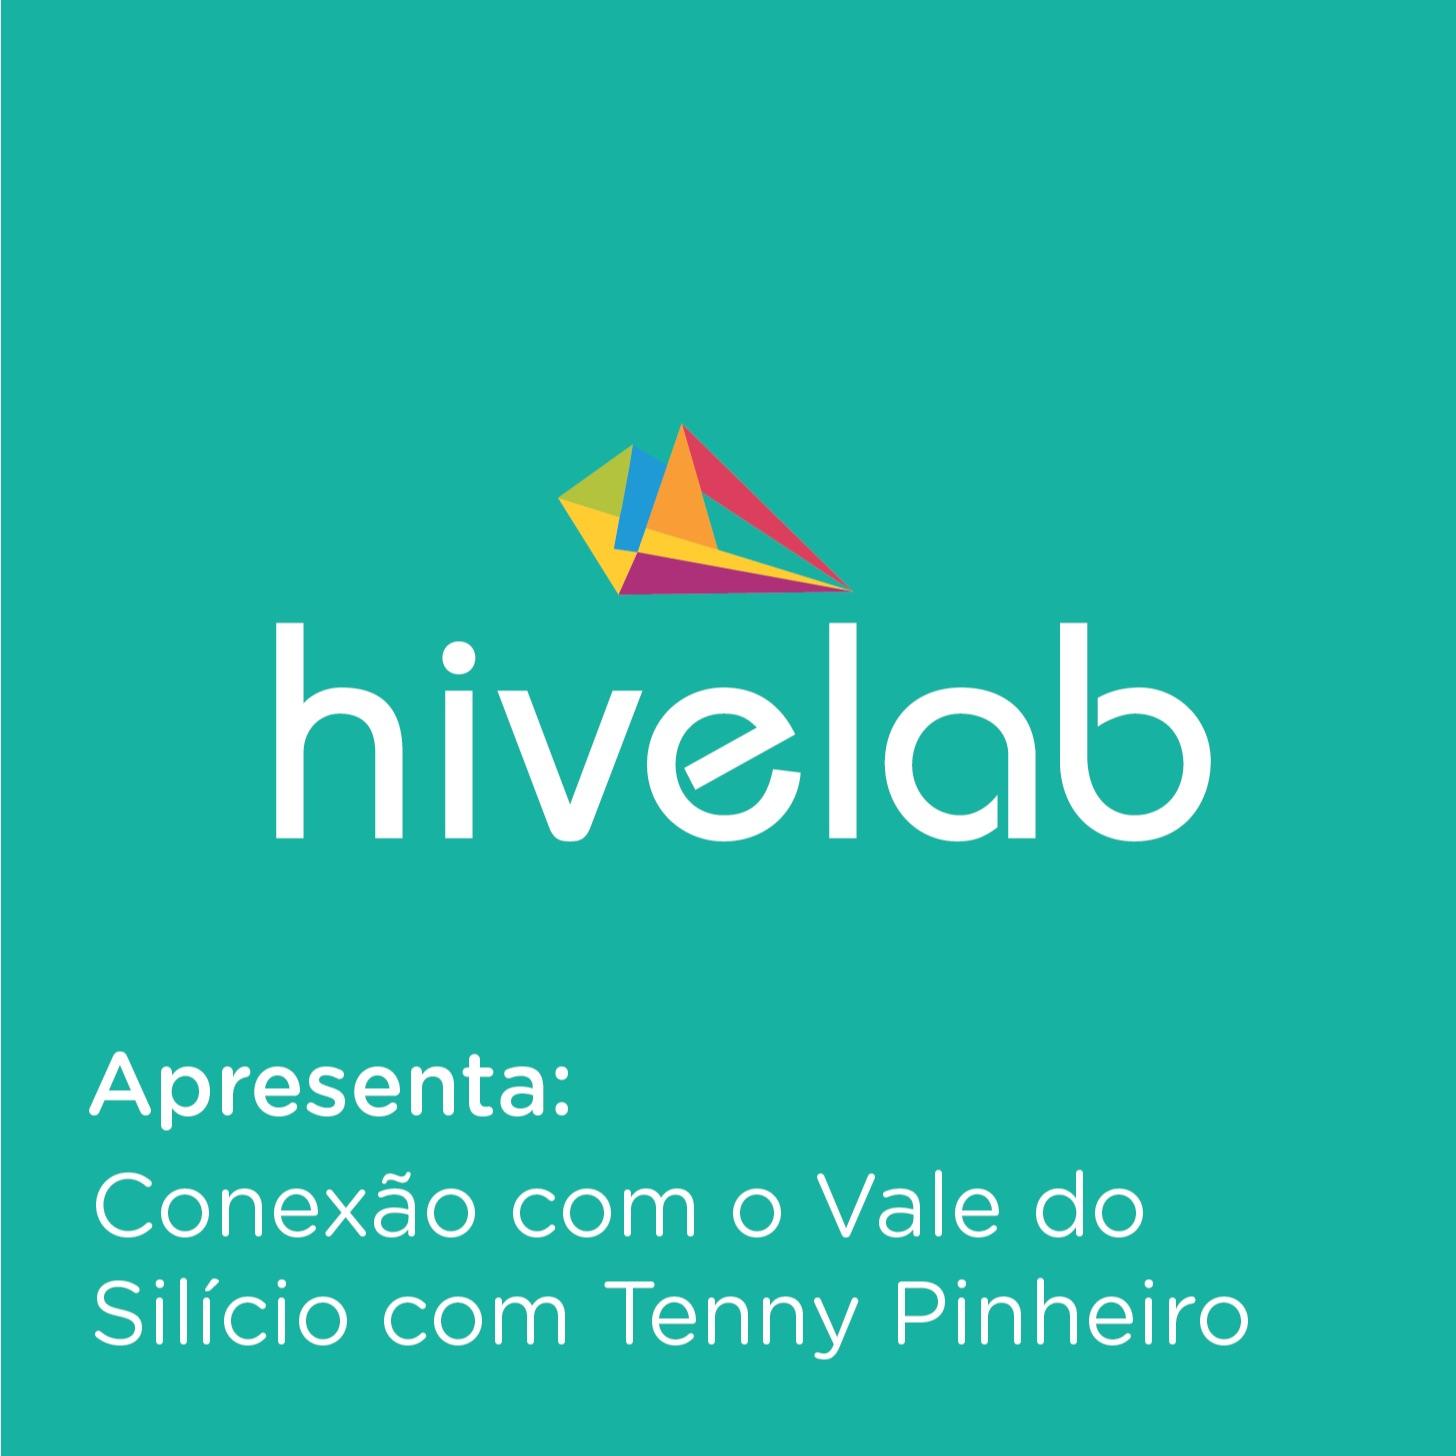 Conexão com o Vale do Silício com Tenny Pinheiro